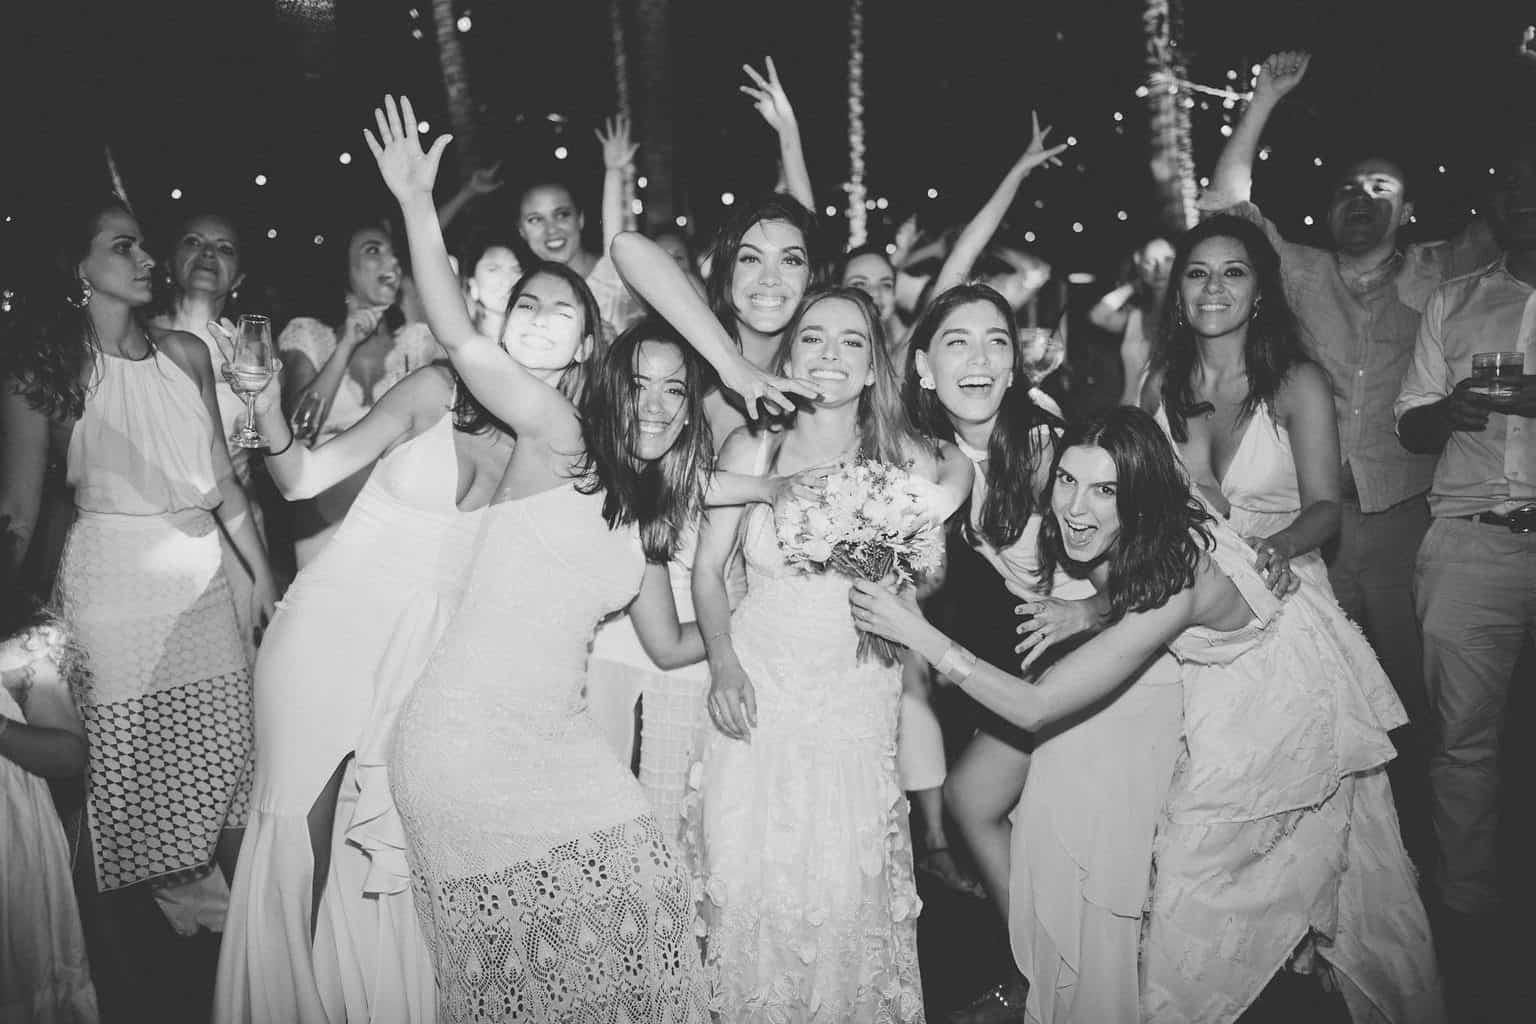 casamento-Danielle-e-Guilherme-aloha-fotografia-caseme-140